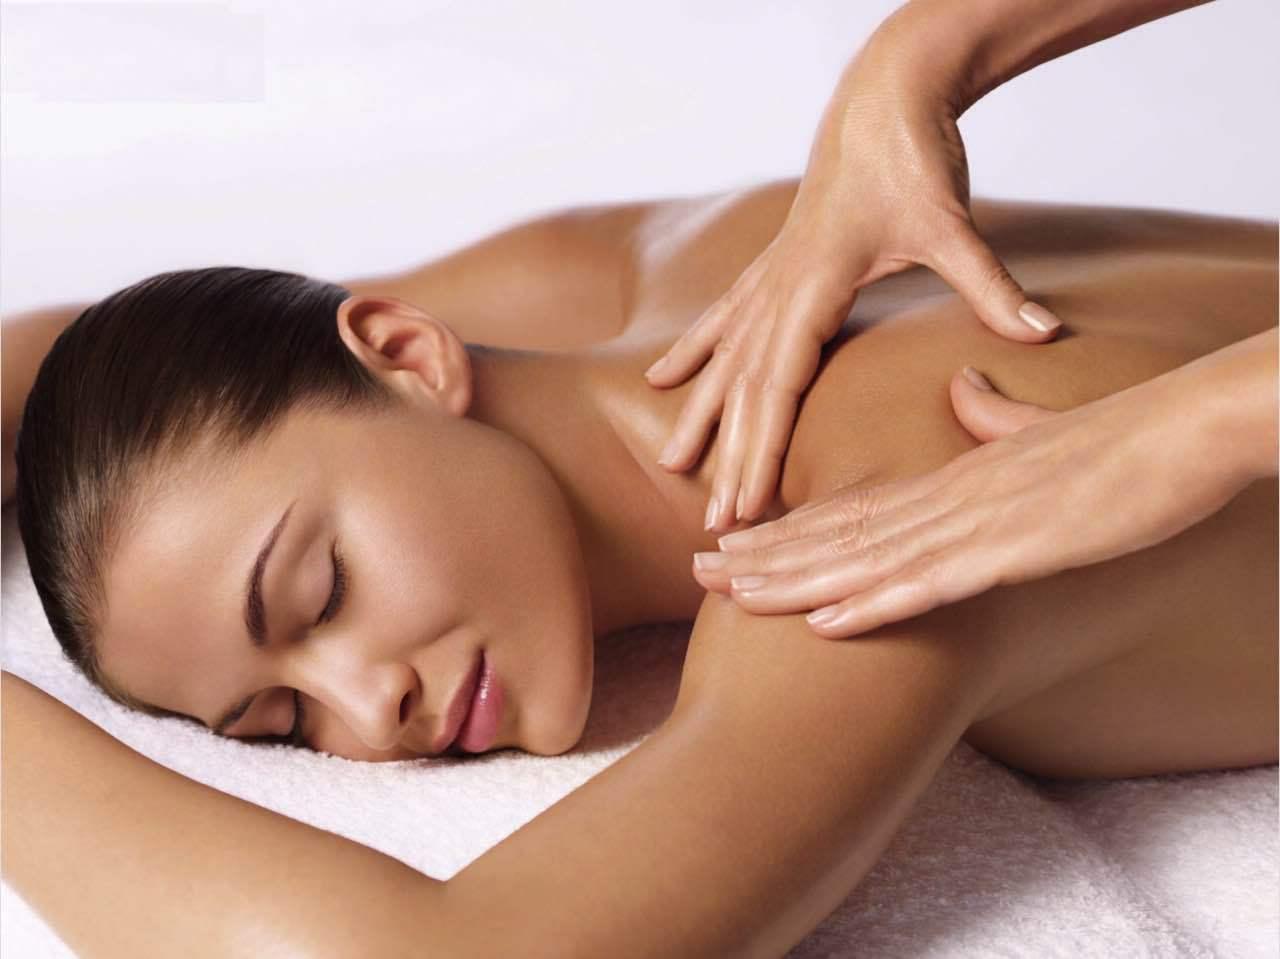 Русская девушка выполняет лингман массаж 13 фотография